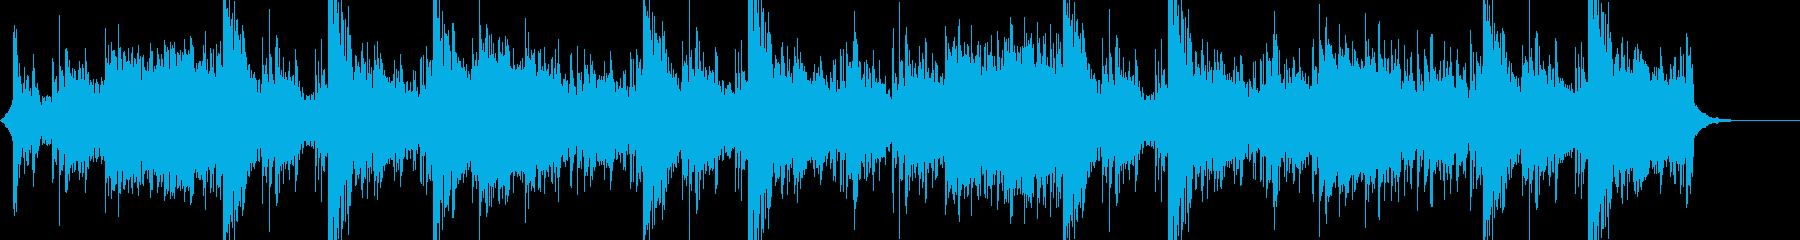 金属的なサウンド 戦闘シーンの曲の再生済みの波形